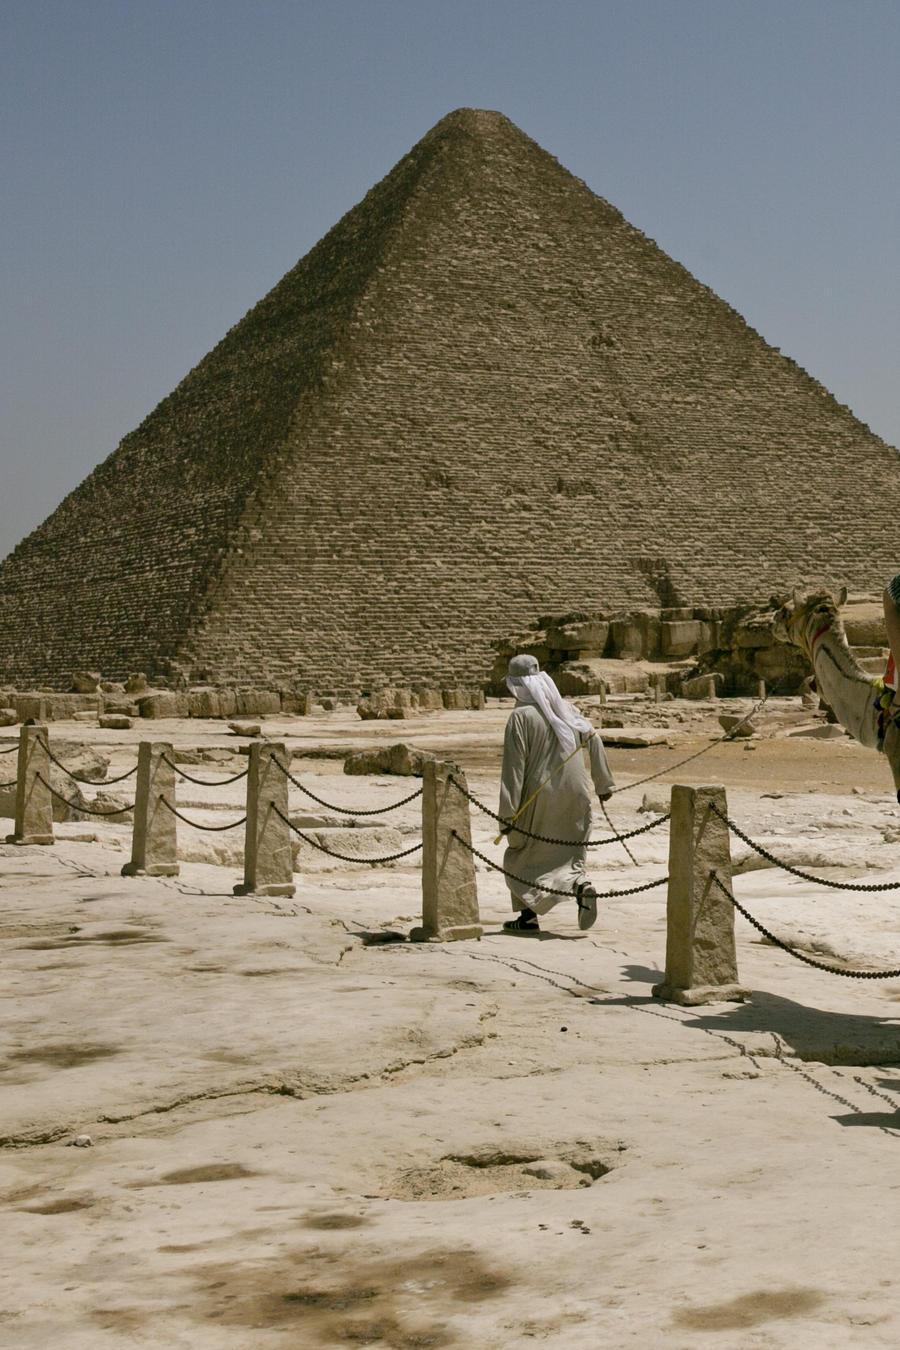 Turistas visitan las pirámides de Giza, en El Cairo, Egypto.